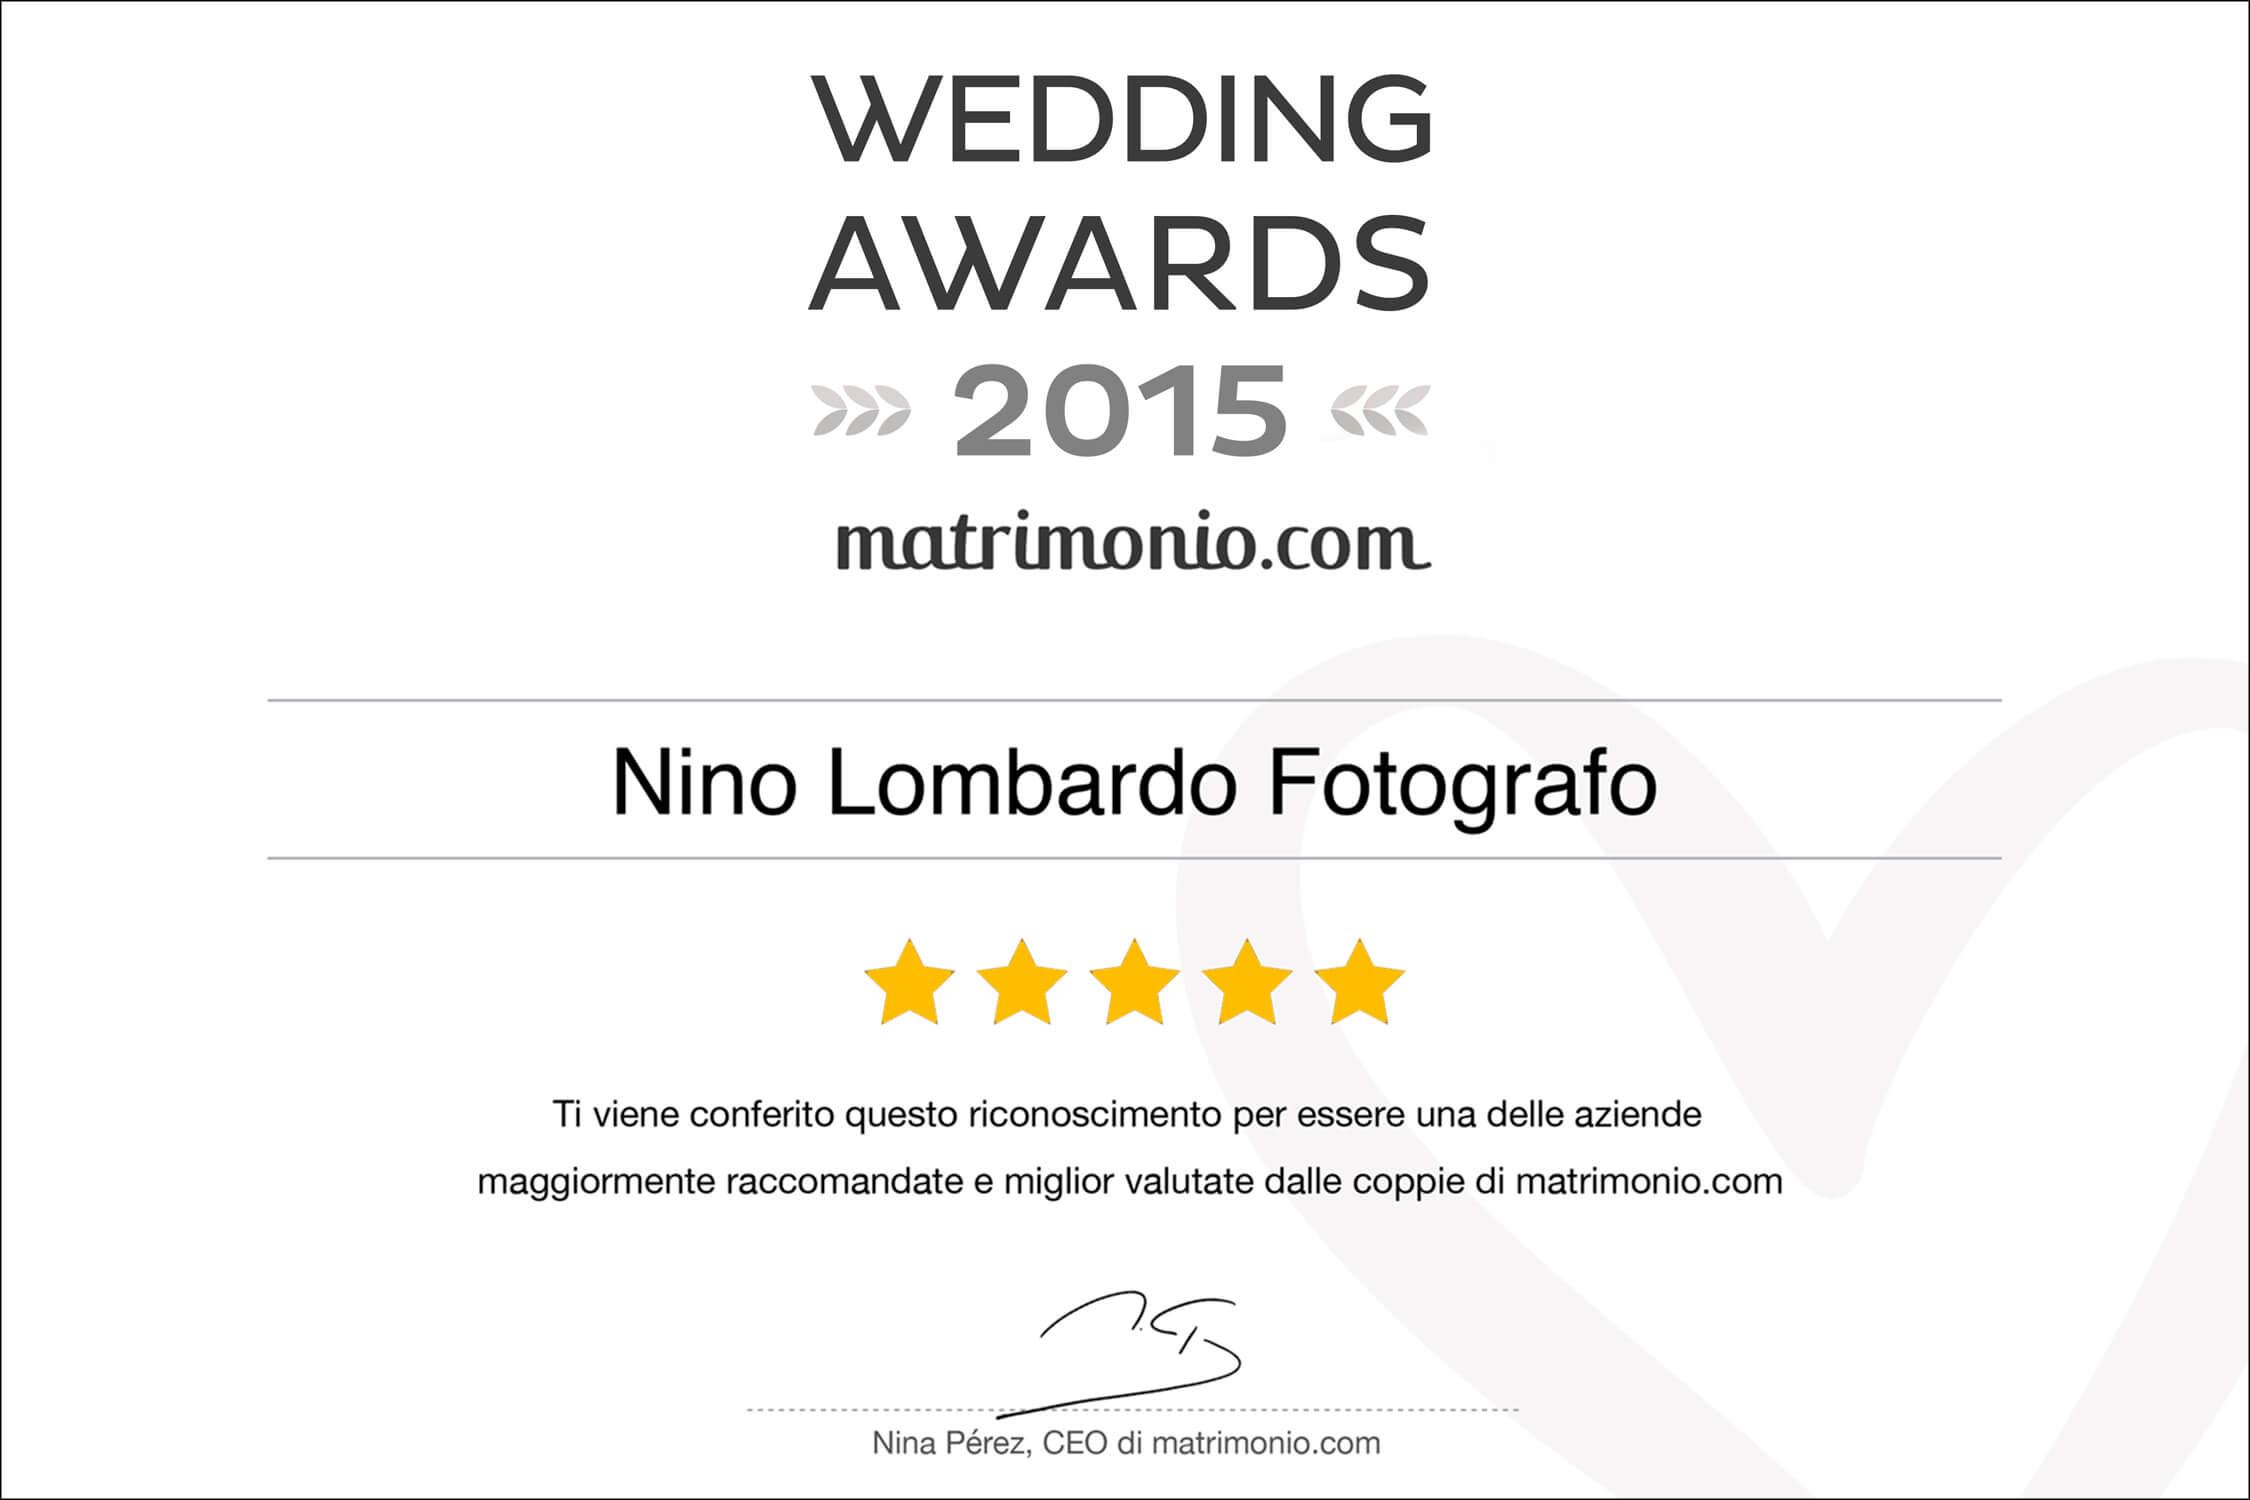 Miglirore Fotografo con Eccellenti Recensioni per Matrimonio a Trapani Palermo e Agrigento Fotografo raccomandato sposi matrimonio.com